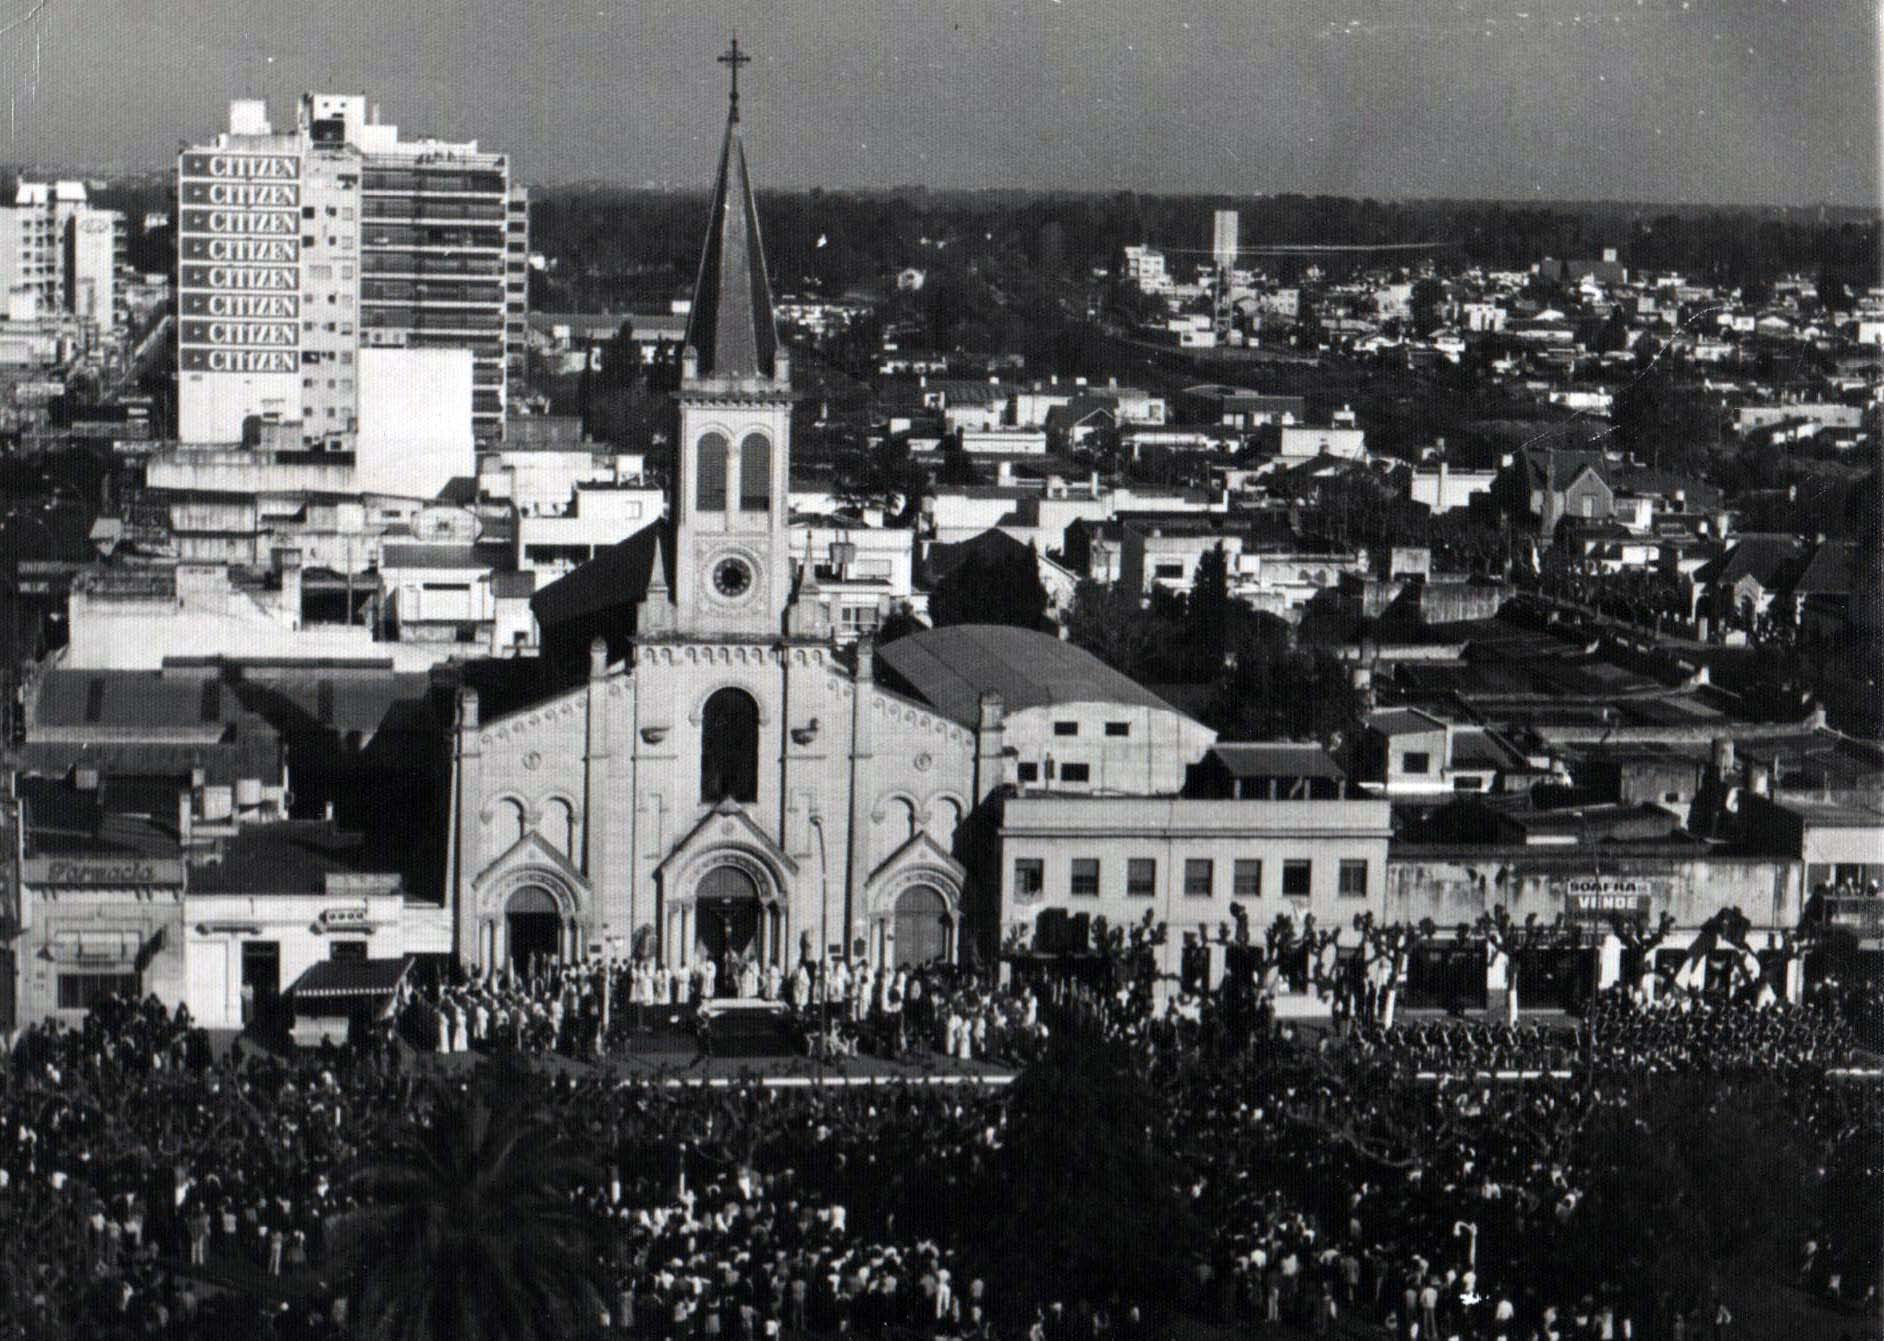 Ceremonia de Asunción del Mº Bozzoli como primer Obispo de la Catedral de San Miguel. Año 1978